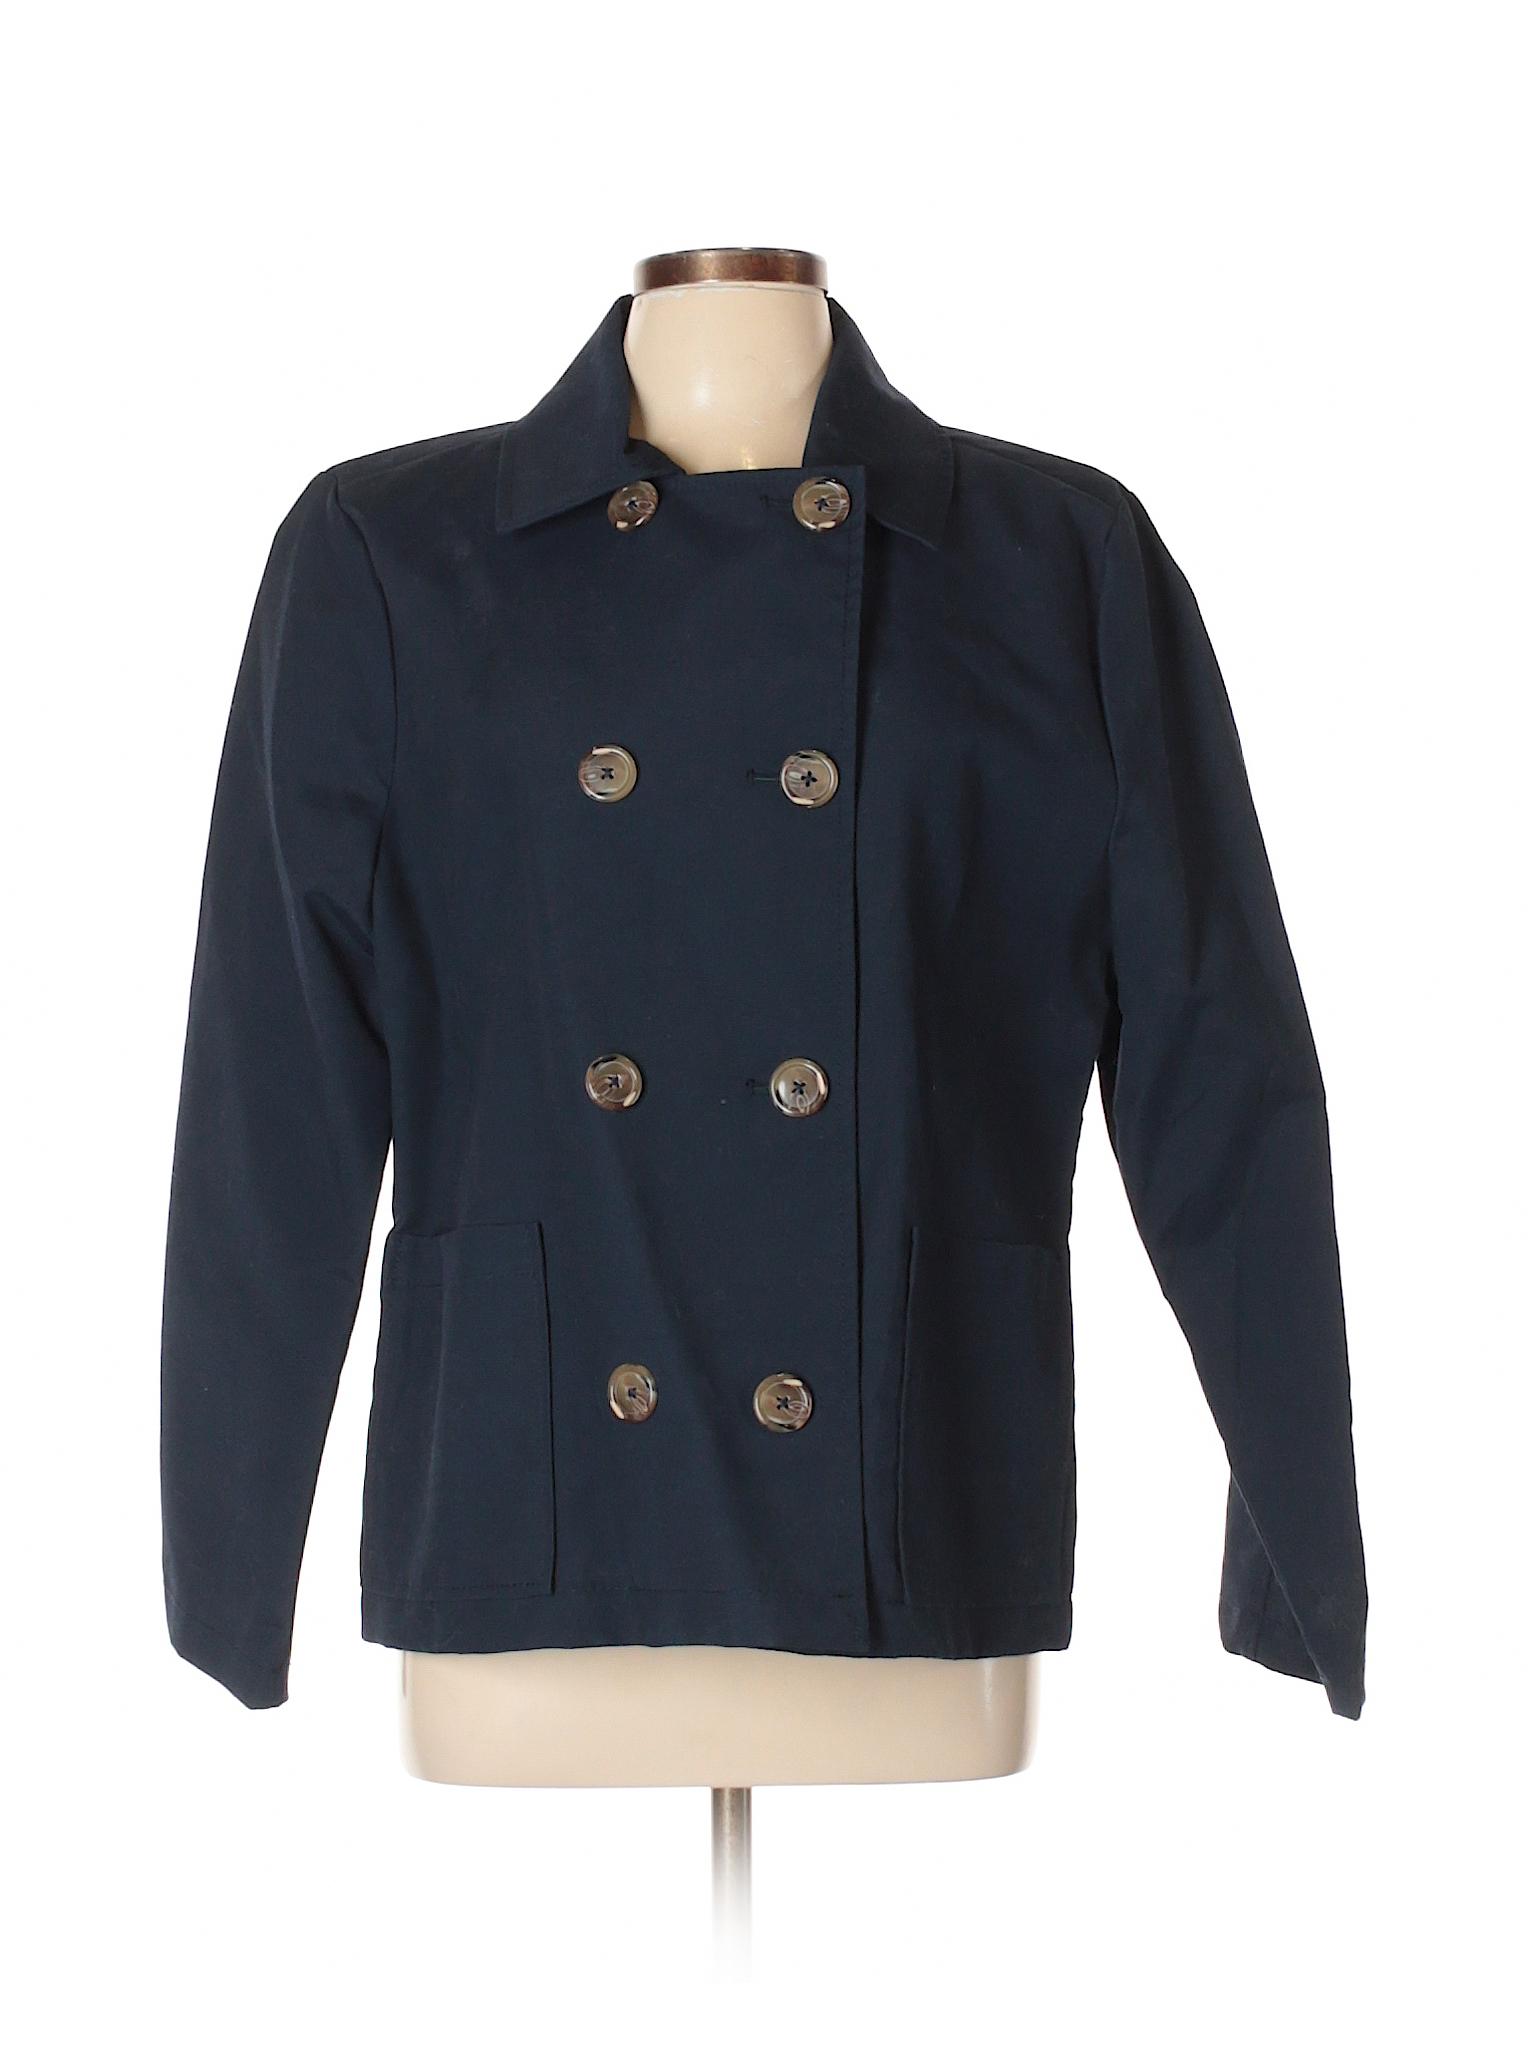 leisure Boutique Boutique leisure Navy Boutique Old Boutique Coat Coat Coat Old Navy Old leisure Navy PSPqwxgvr